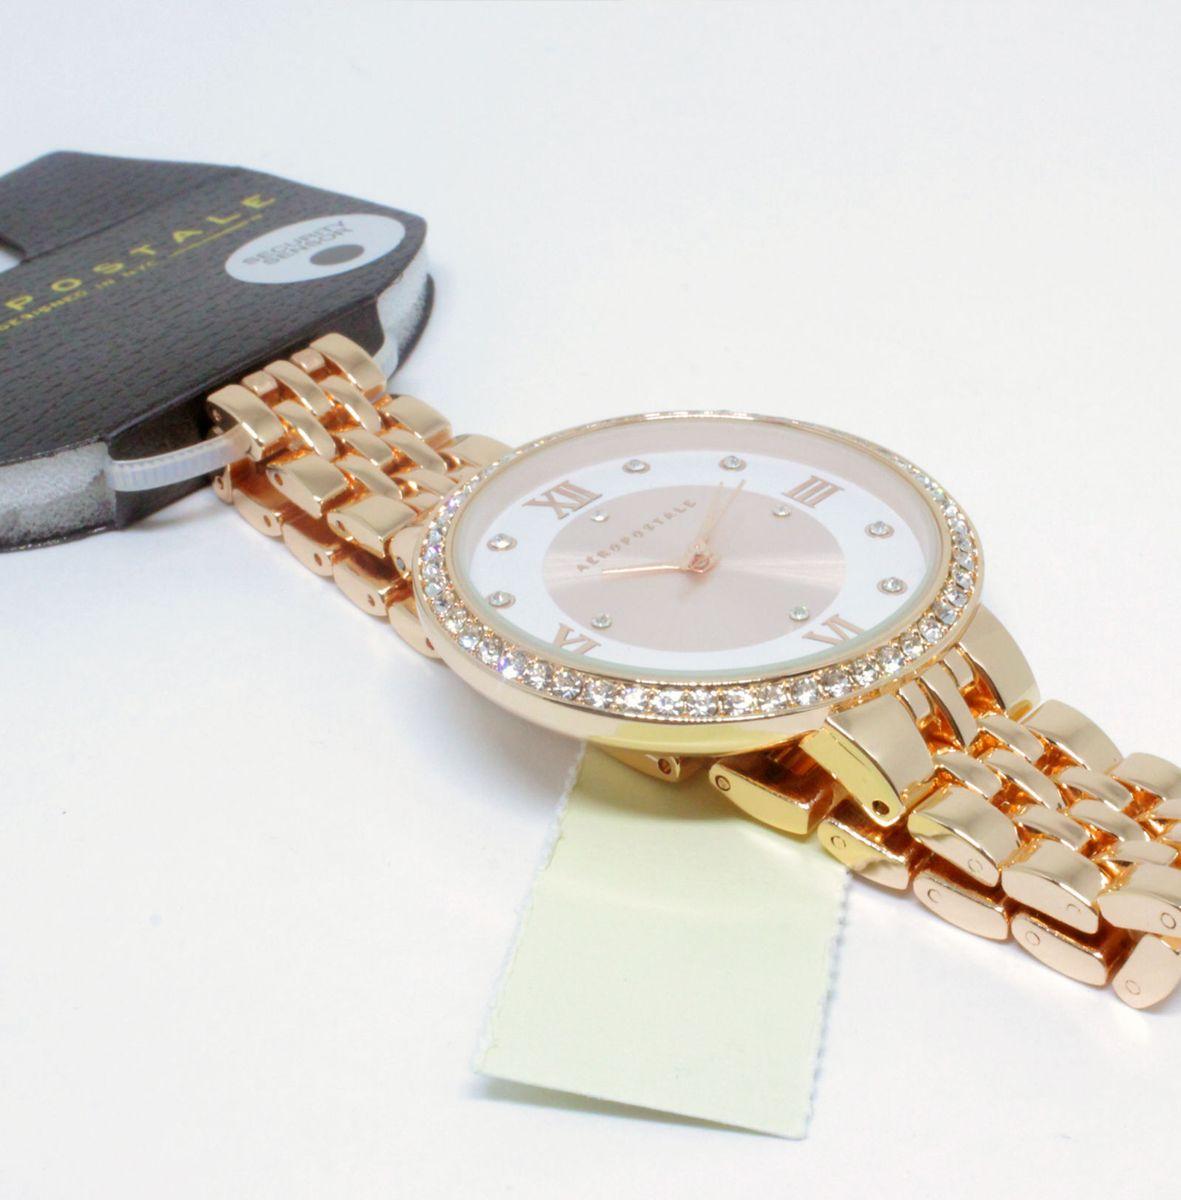 5b19f85421f relógio com logo aeropostale original feminino importado rose strass - relógios  aeropostale